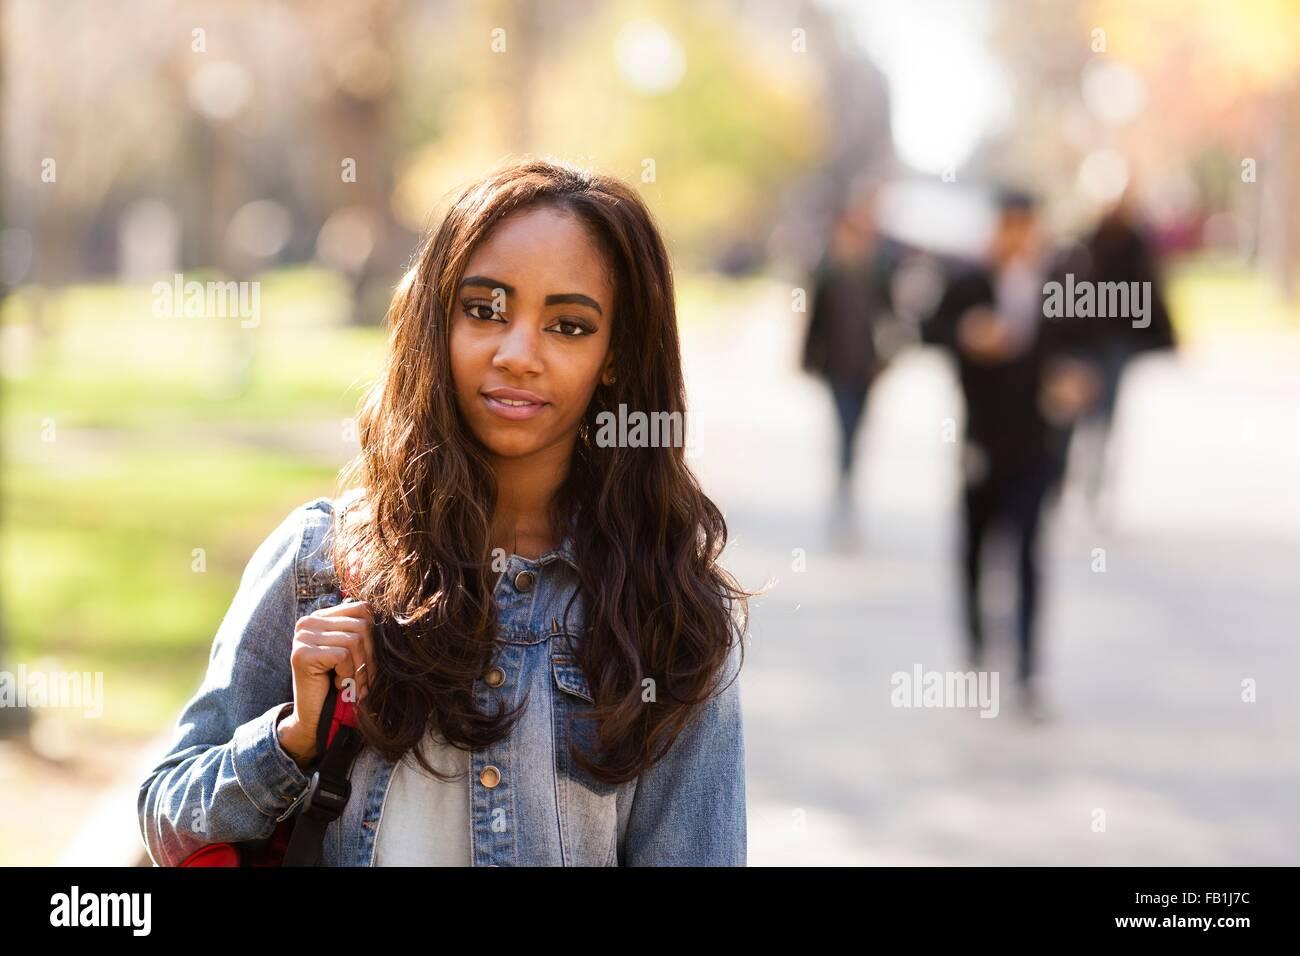 Portrait de jeune femme aux longs cheveux bruns portant veste en jean à la caméra en souriant Photo Stock